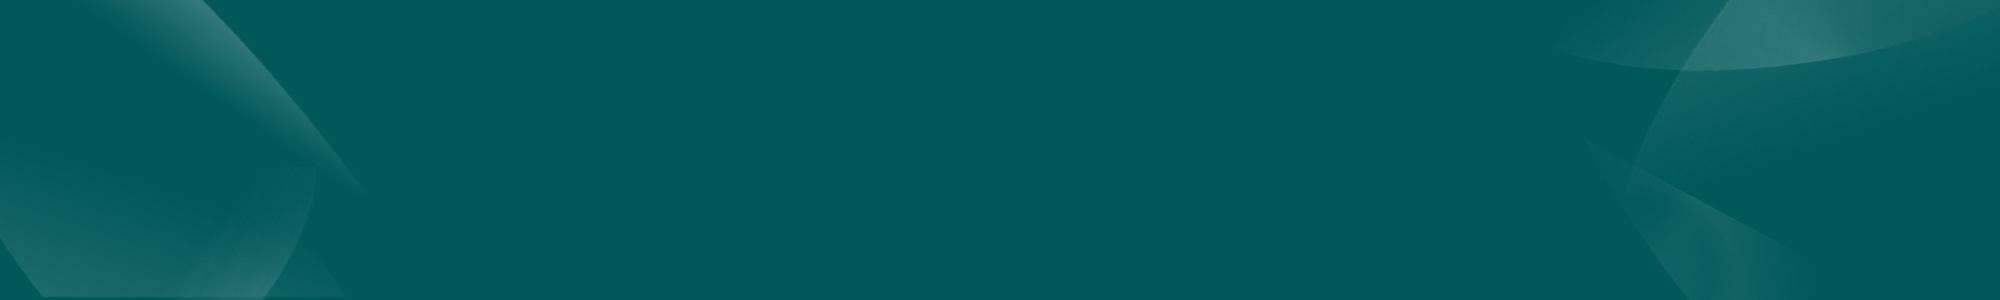 slider_bg_green32